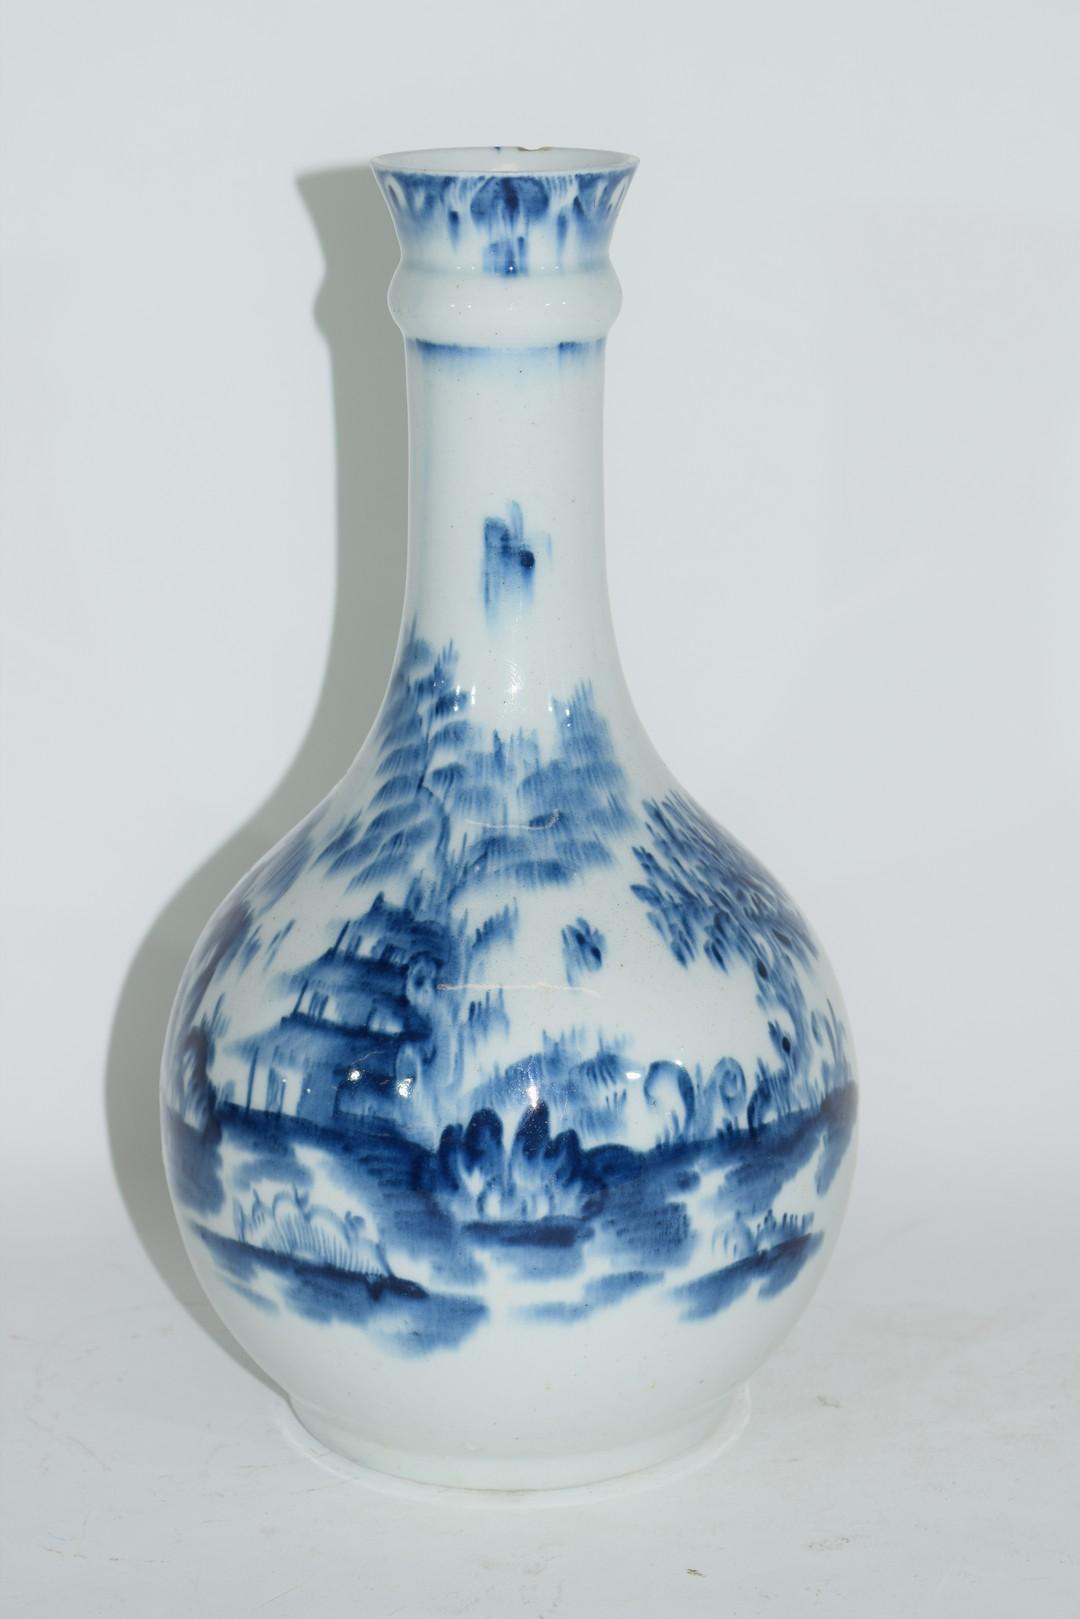 Lowestoft porcelain guglet or water bottle - Image 2 of 7